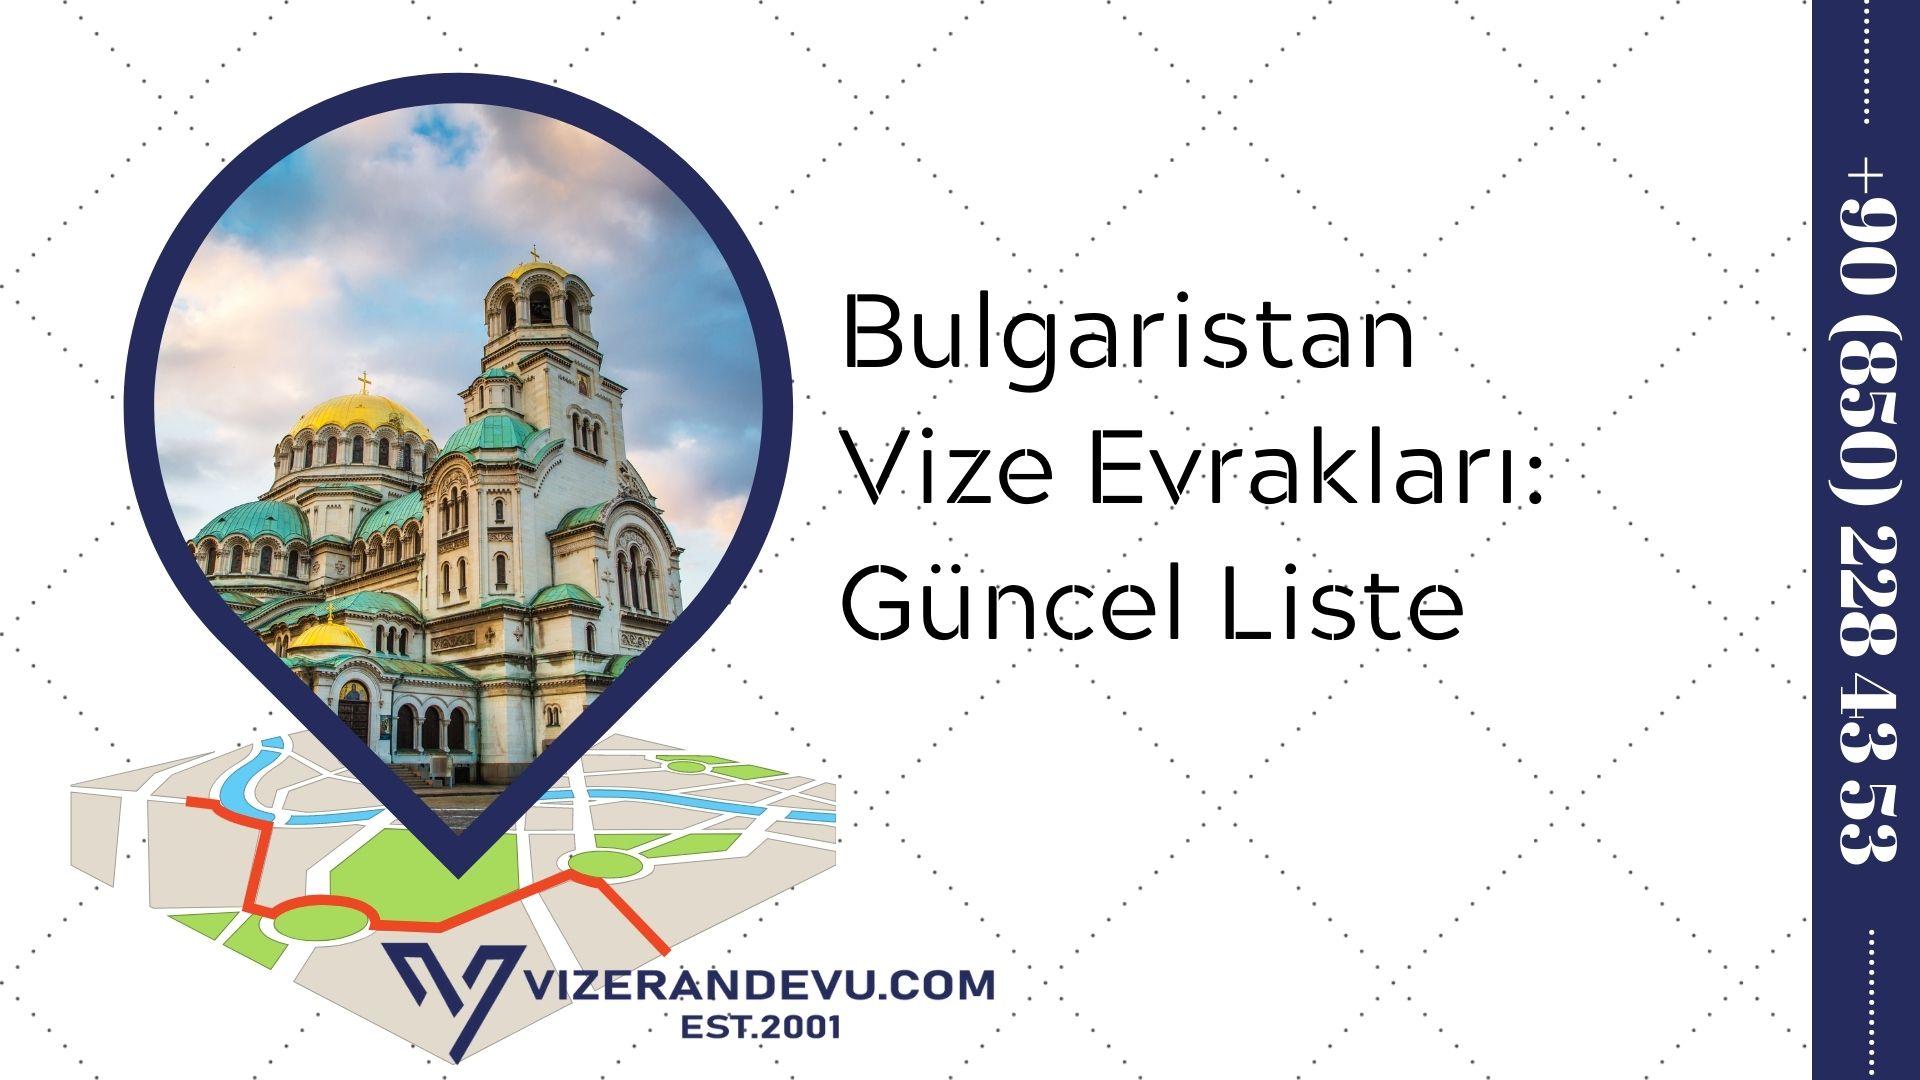 Bulgaristan Vize Evrakları: Güncel Liste 2021